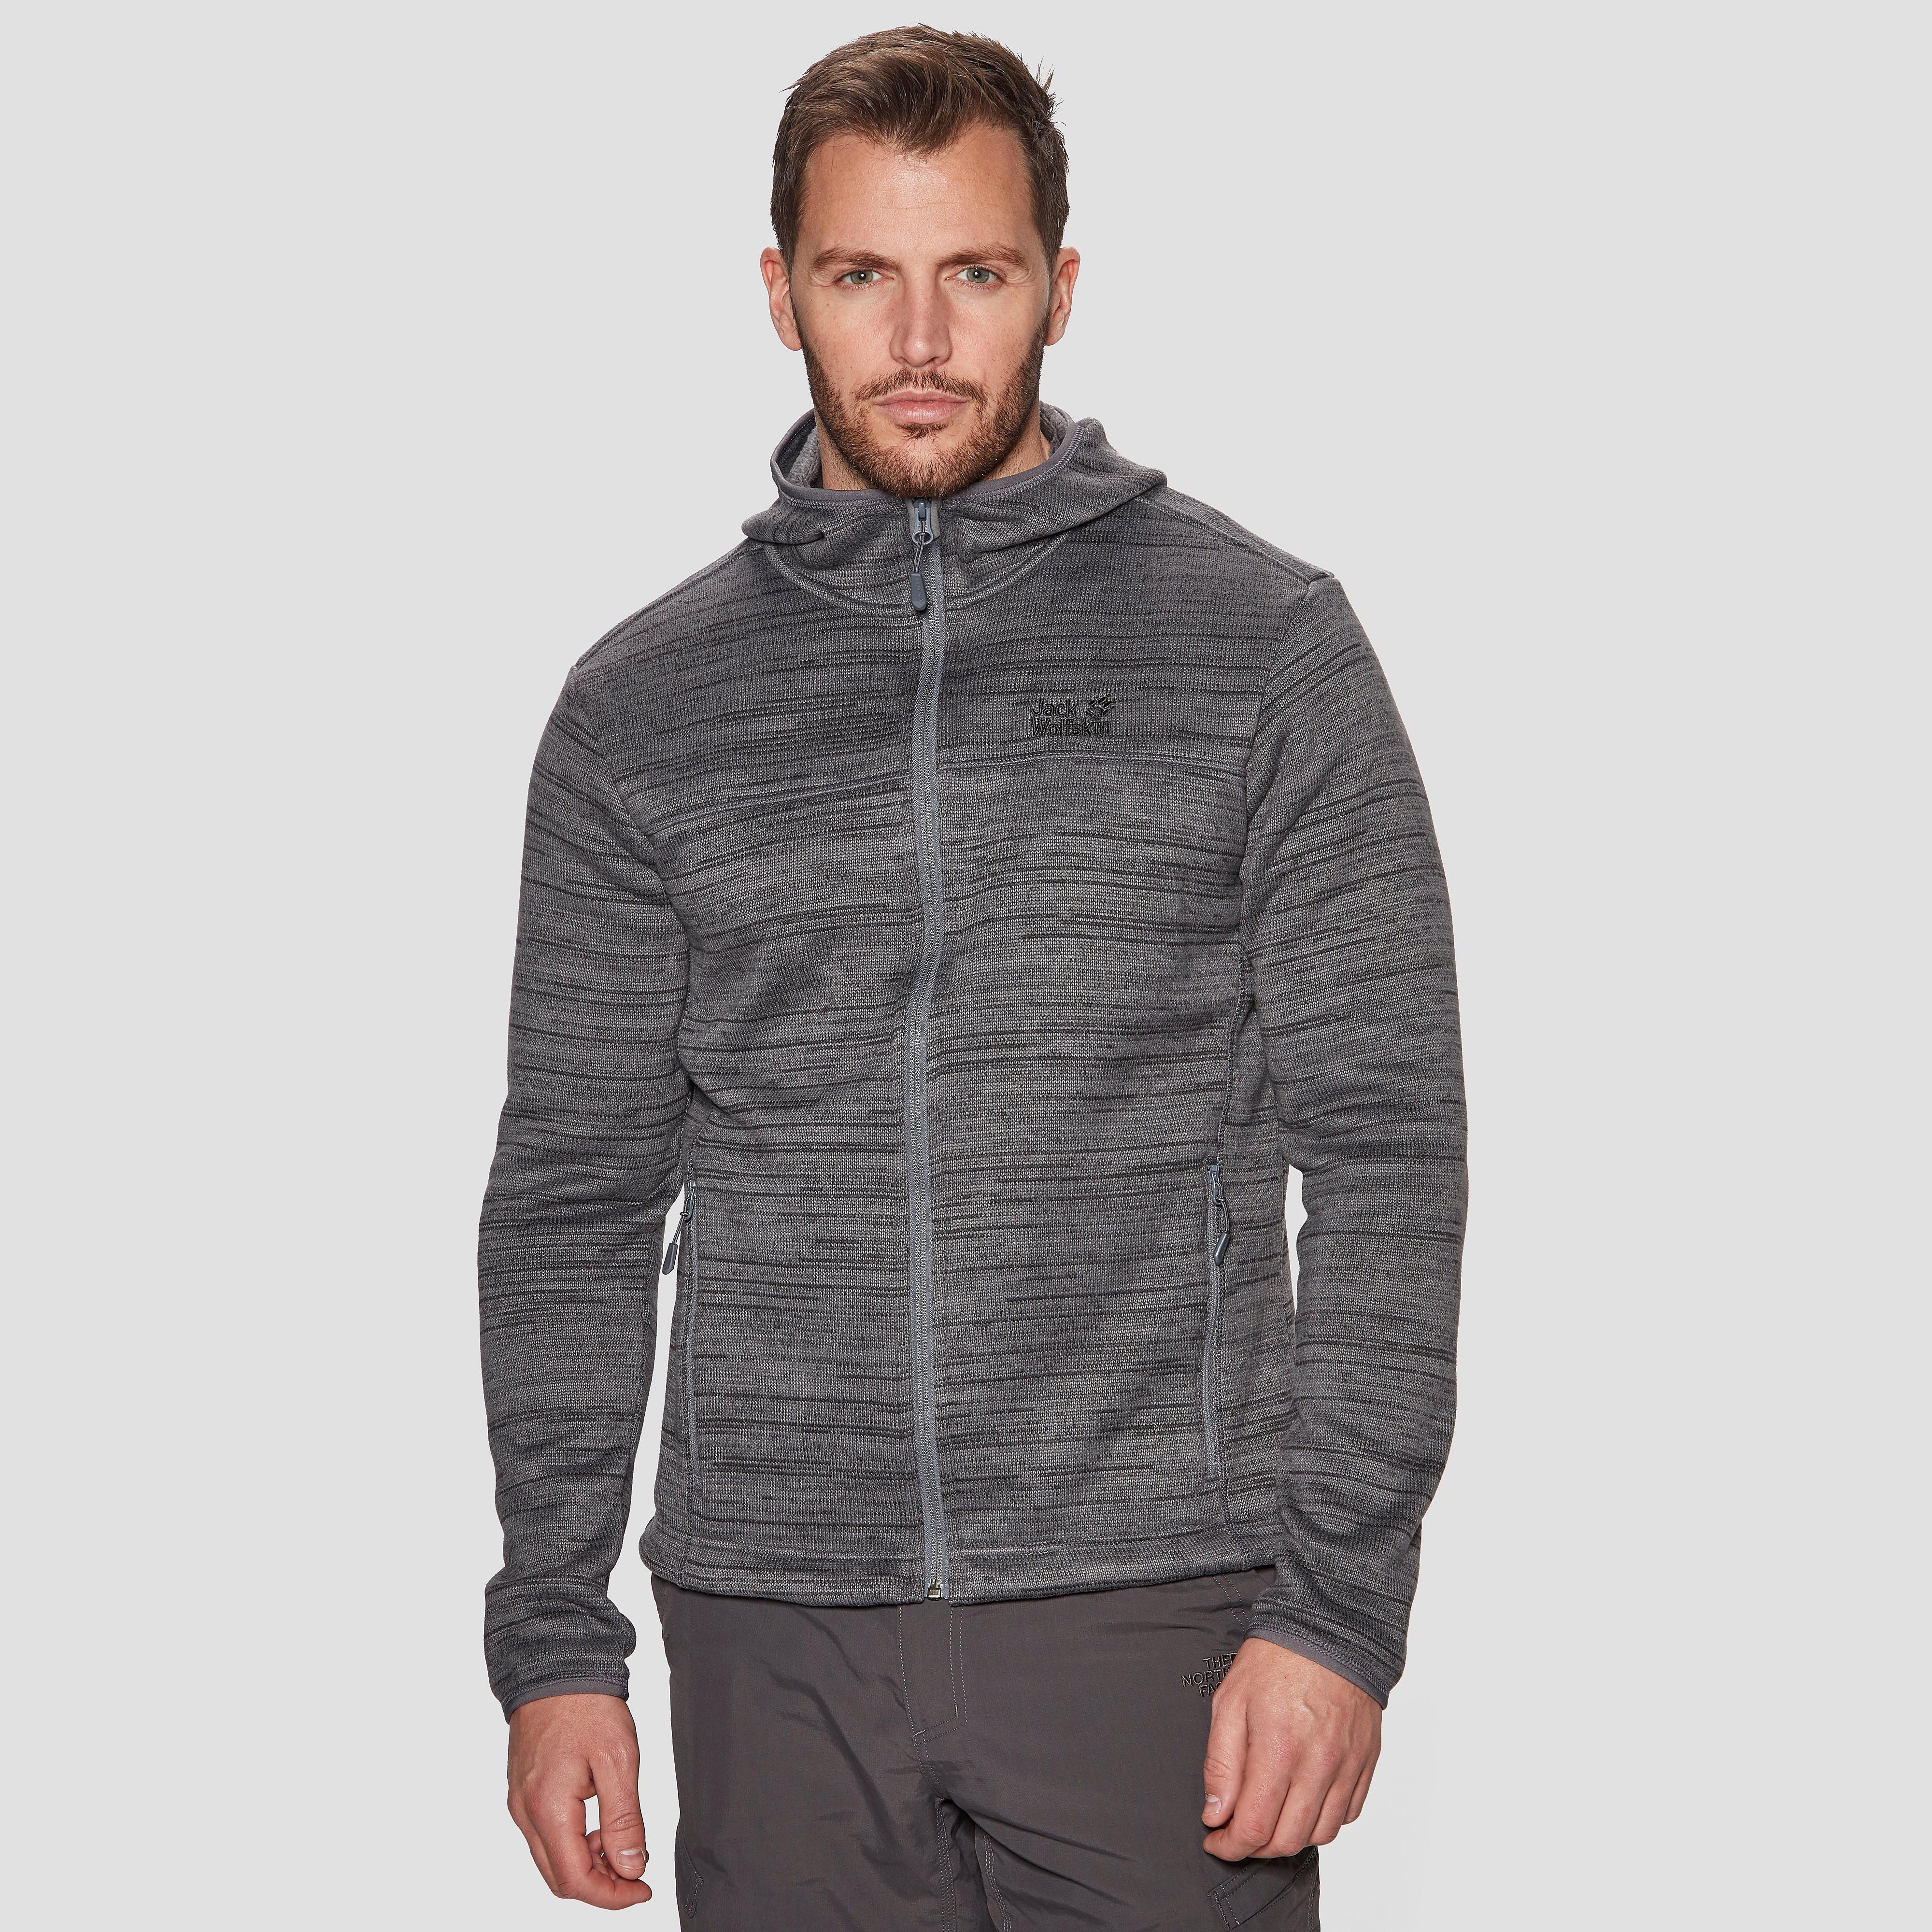 Jack Wolfskin Aquila Hooded Men's Fleece Jacket